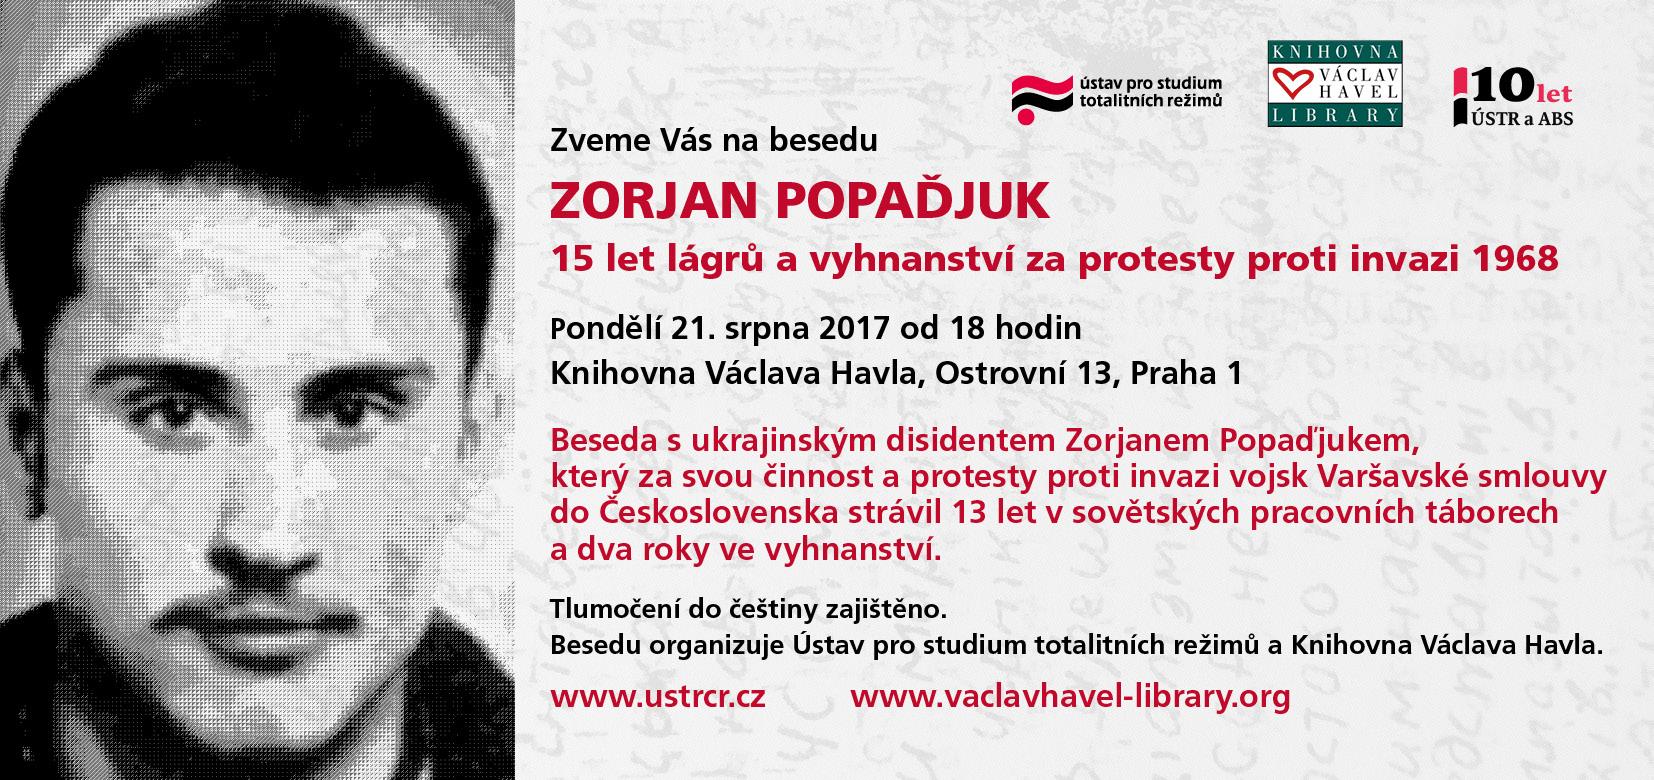 Pozvánka na besedu se Zoranem Popaďjukem